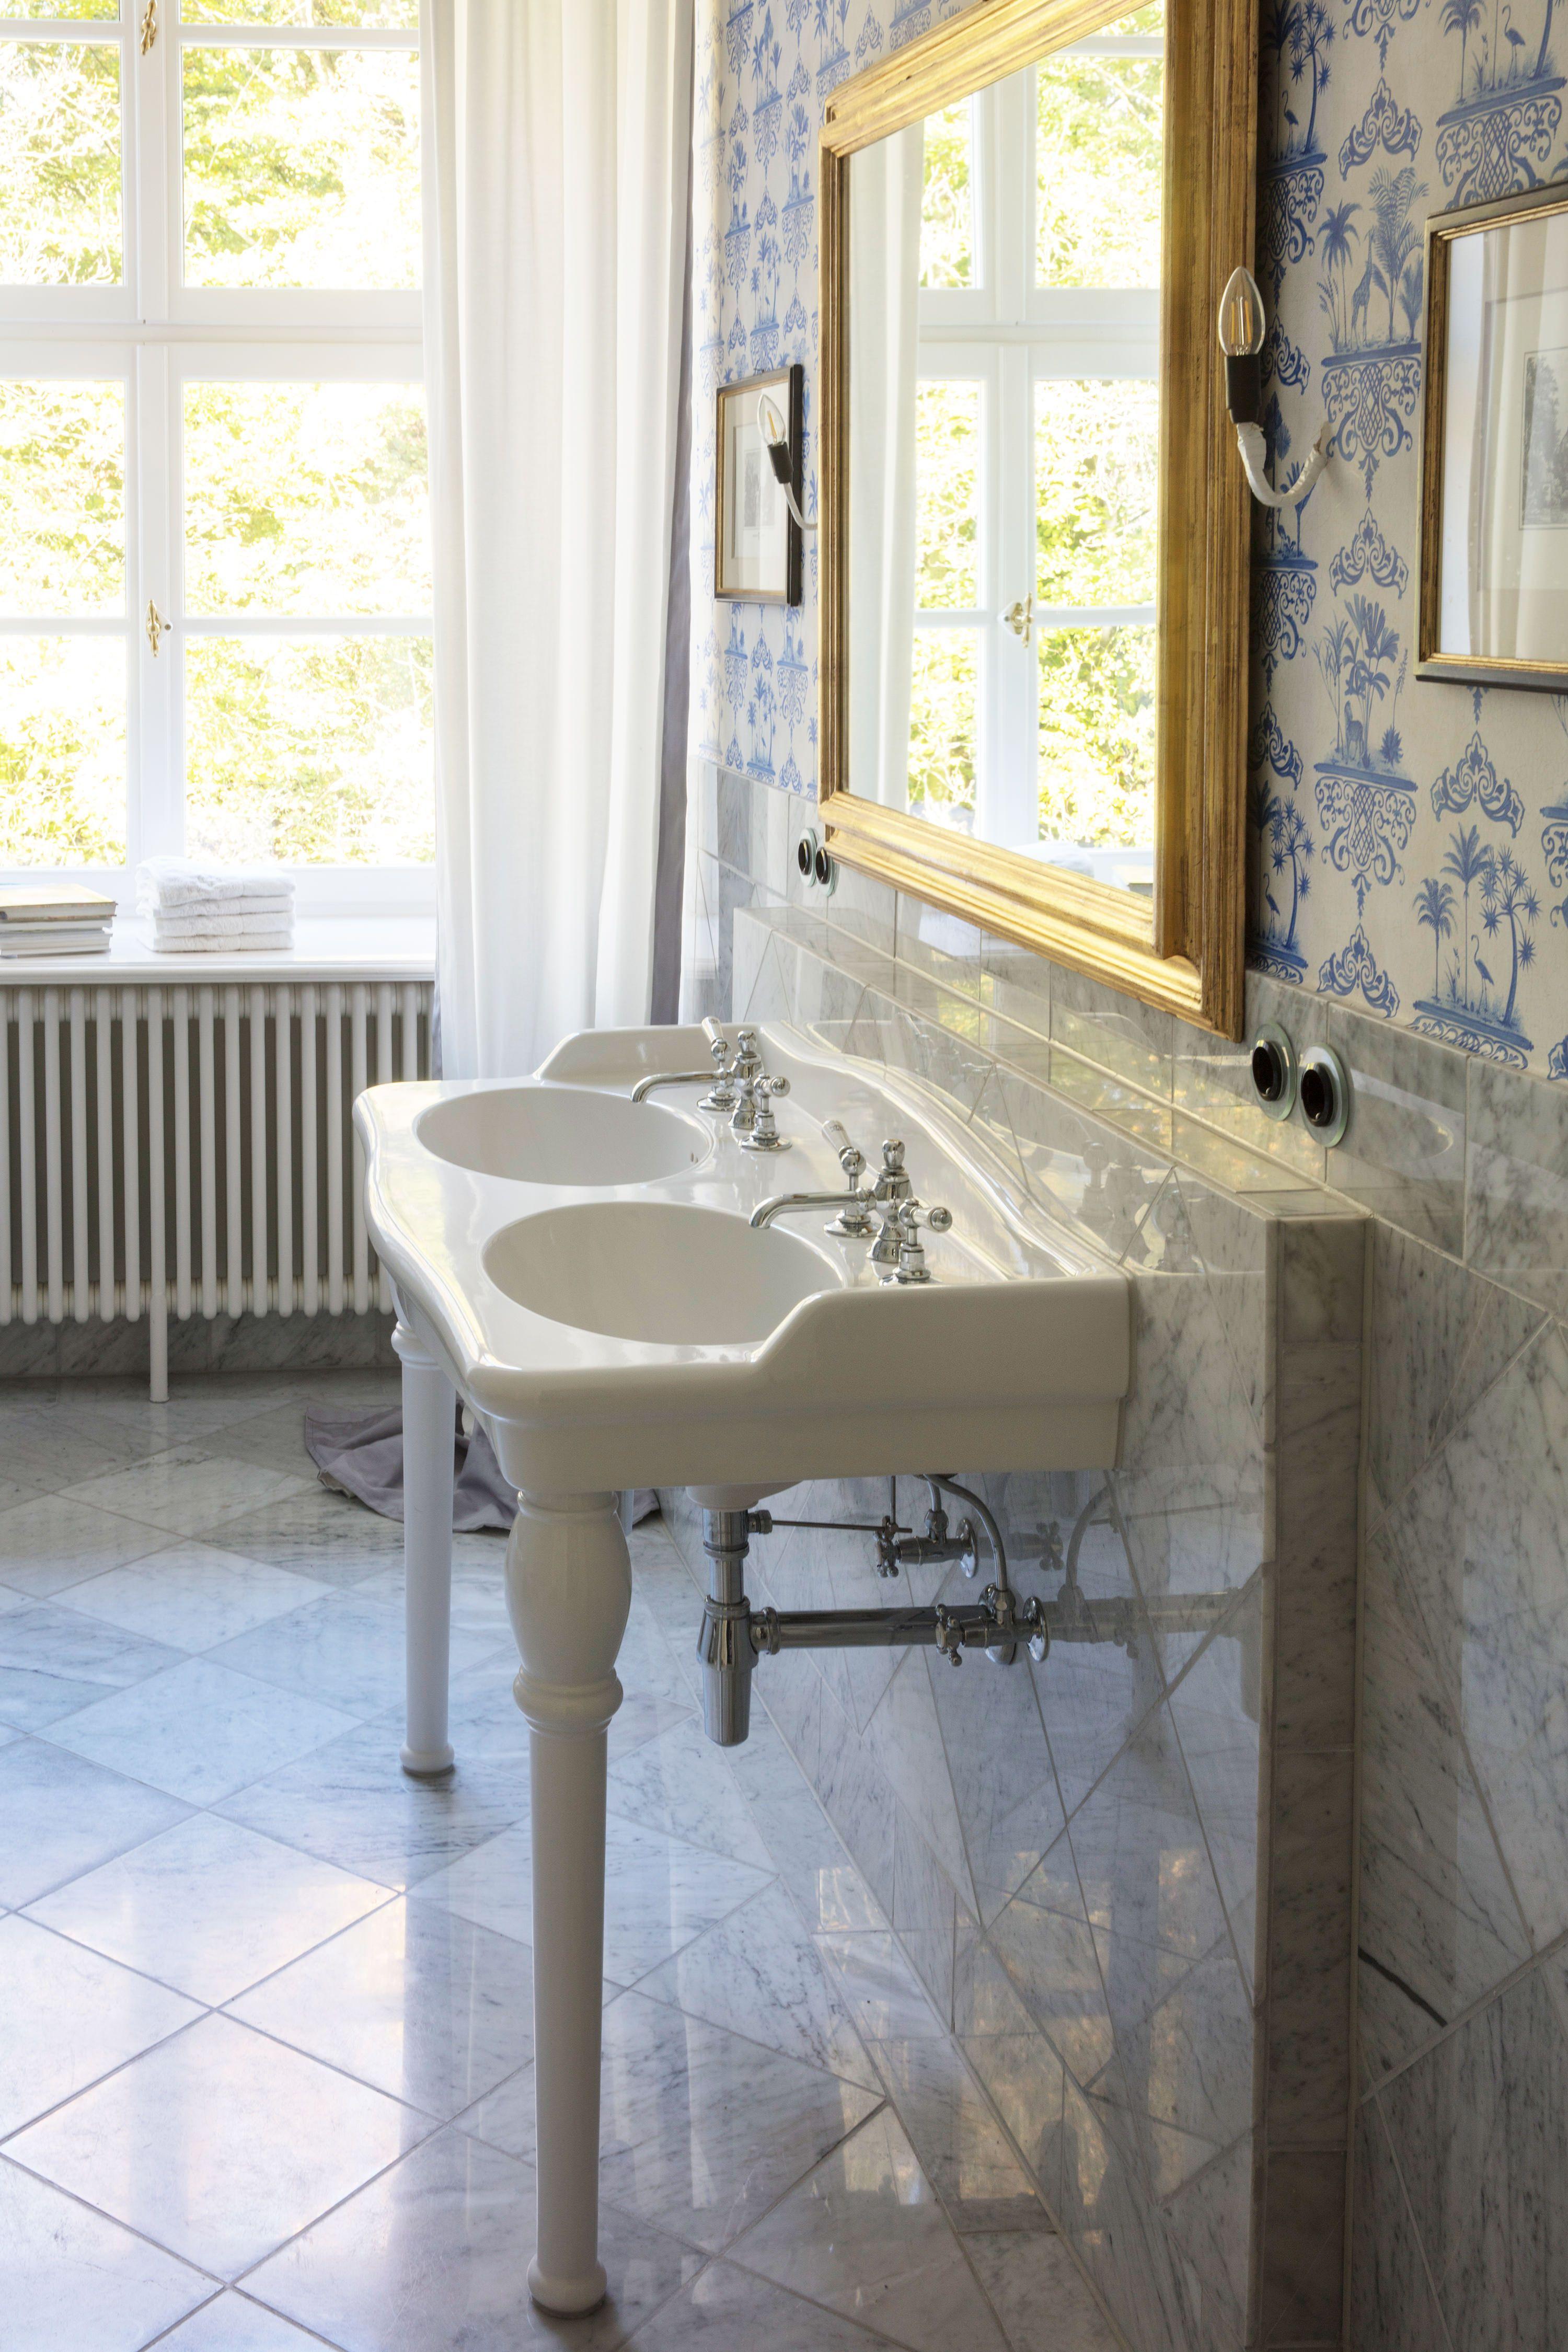 Nostalgie Waschtisch Waschbecken Traditionelle Bader Waschtisch